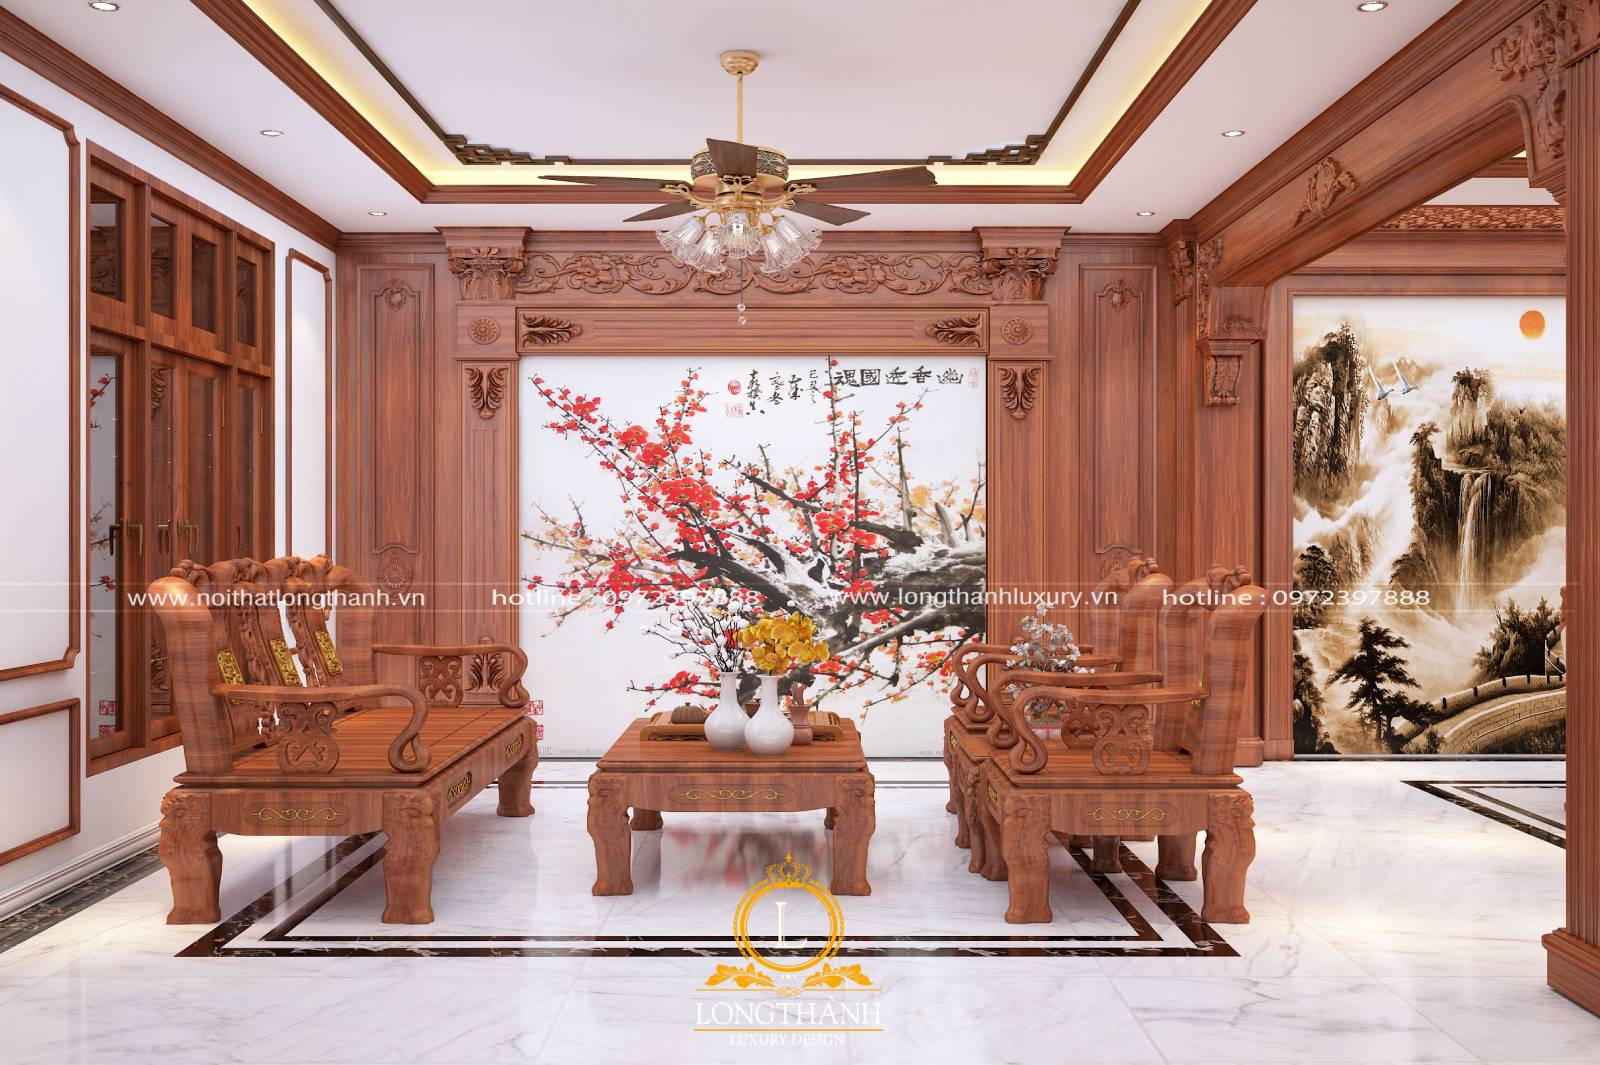 Thiết kế nội thất nhà biệt thự liền kề tân cổ điển nhạ nhàng ấm áp